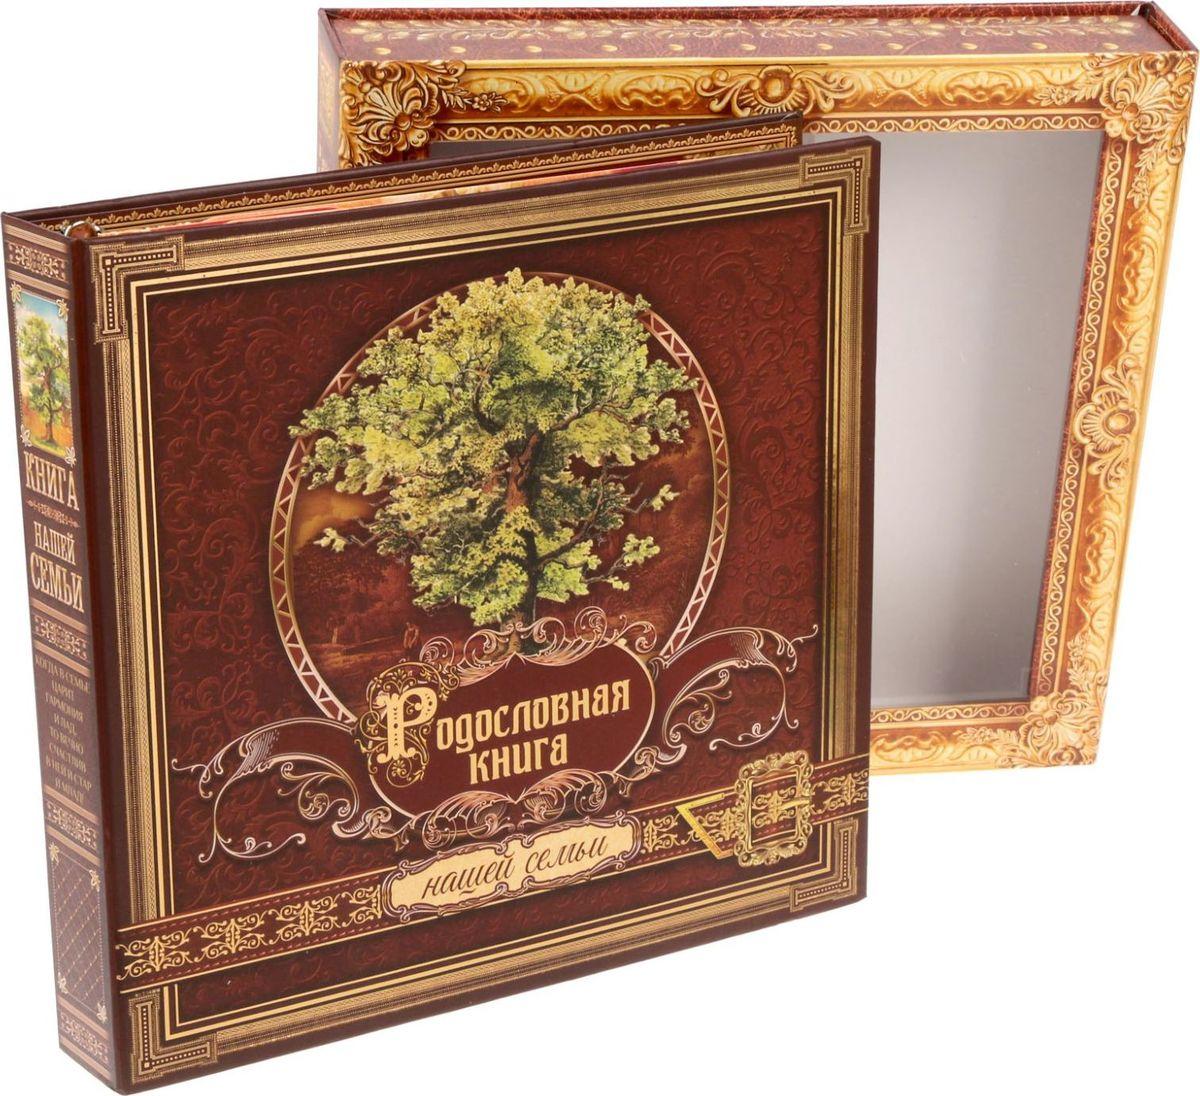 Родословная книга Книга нашей семьи, 30 х 30 х 4,5 см книга родословная купить в екатеринбурге